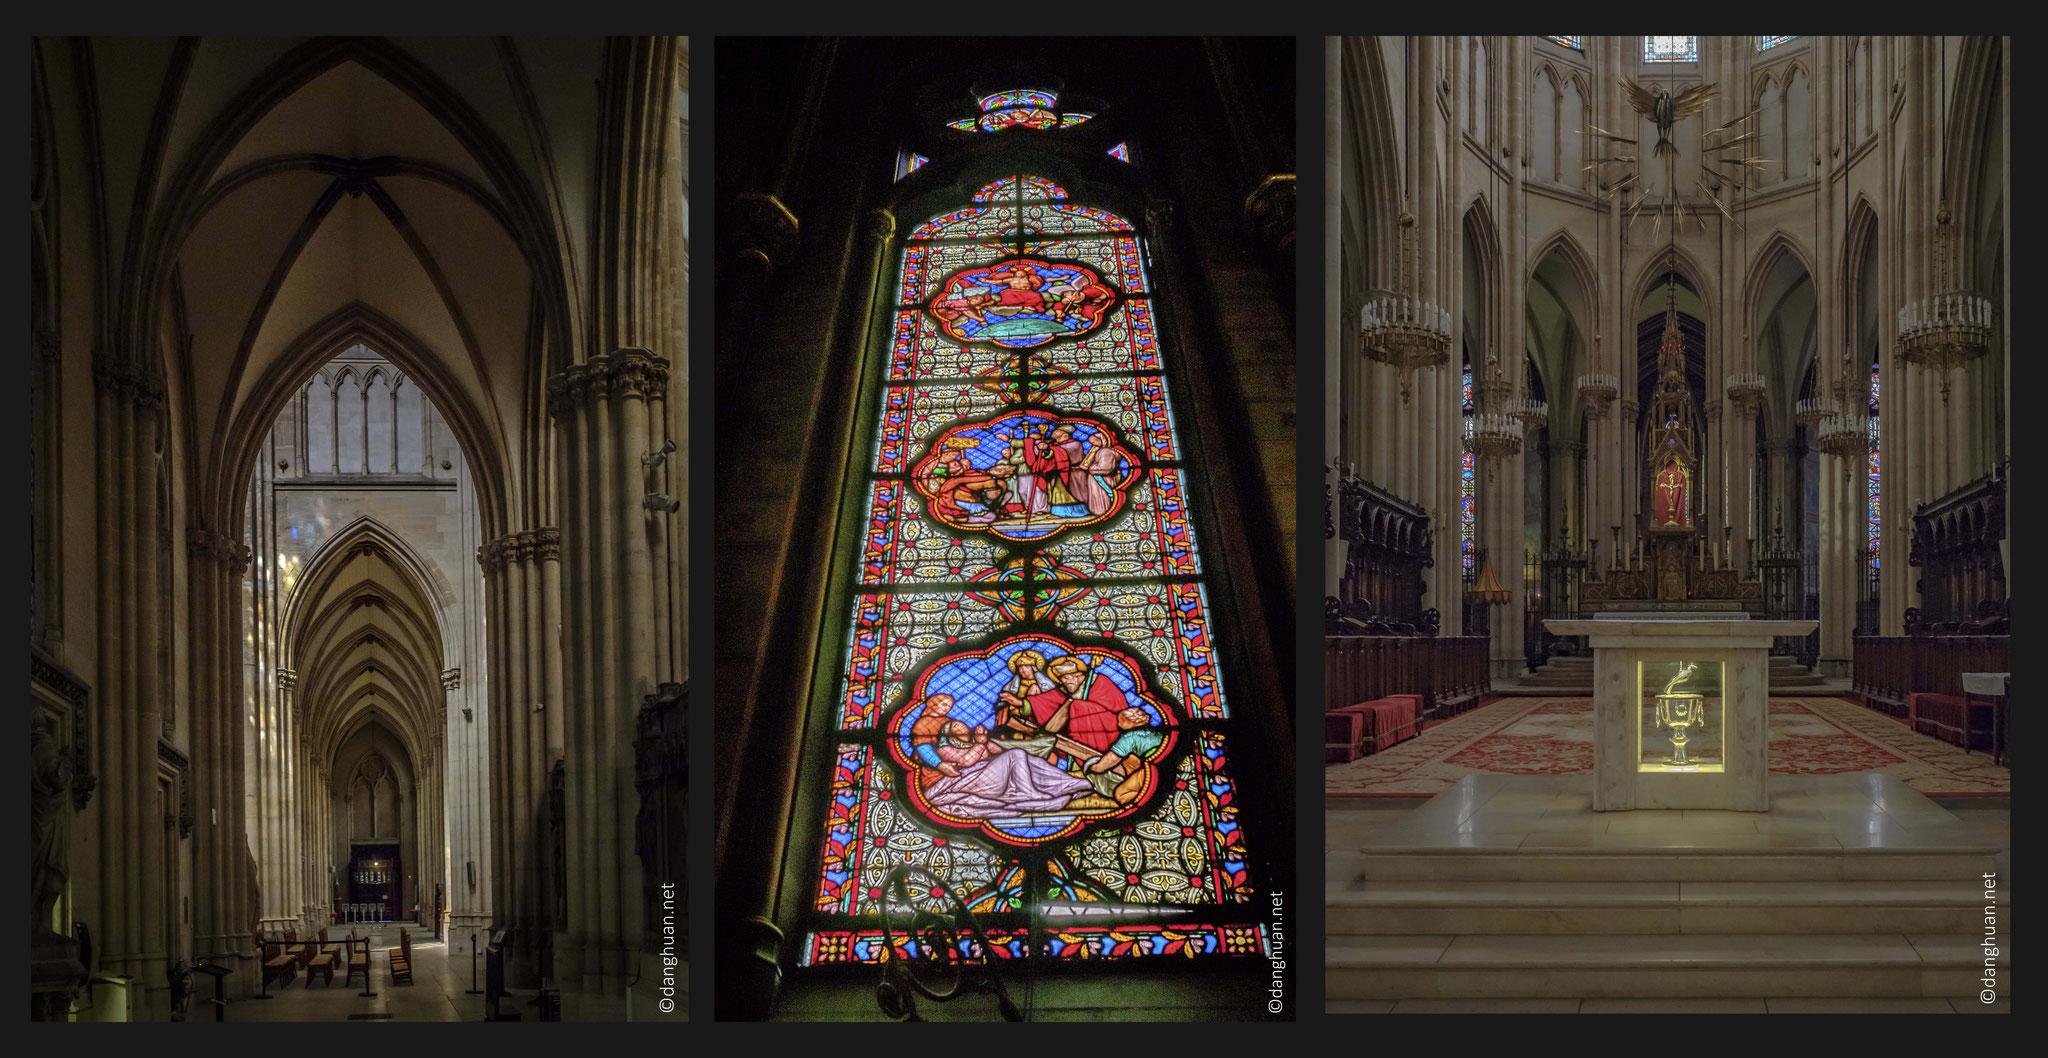 Basilique Sainte Clotilde - 96m de longueur, 39m de largeur au transept,vingtaine de mètre de hauteur de voûtes.